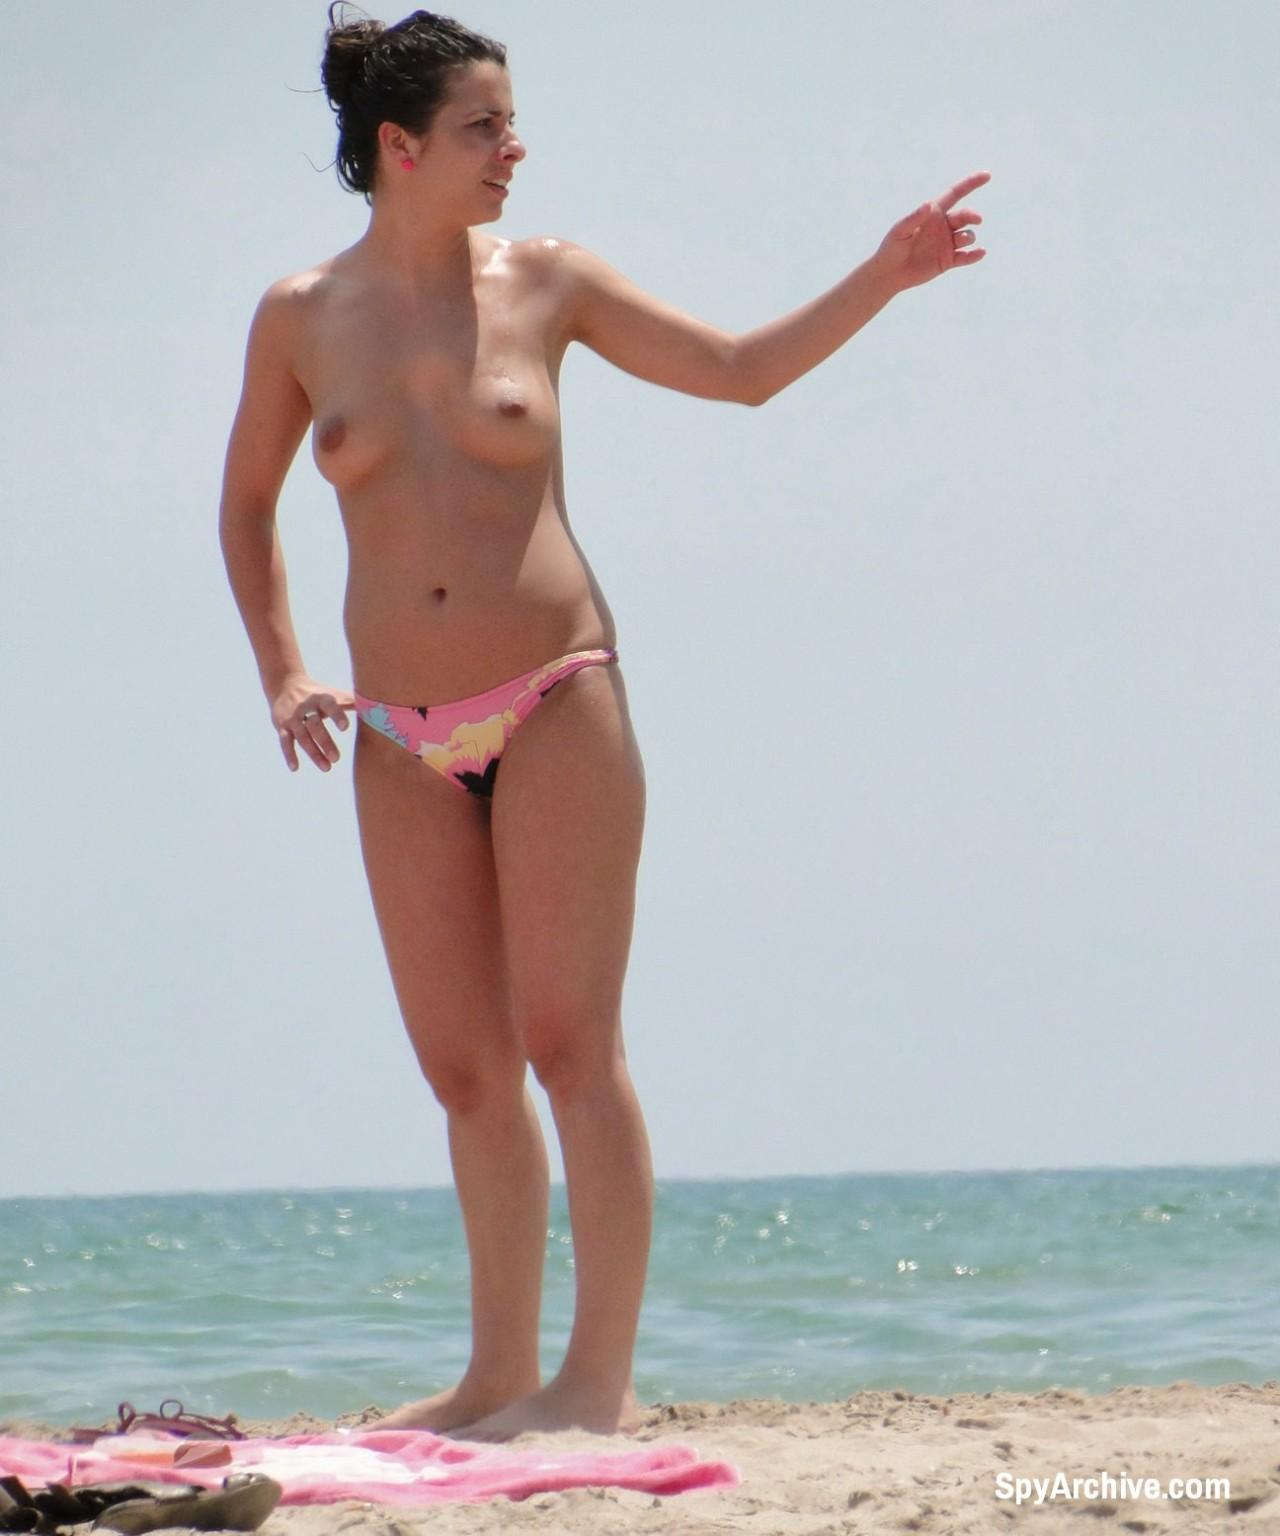 На пляже в объектив камеры попала дамочка, которая любит загорать без верхней части купальника